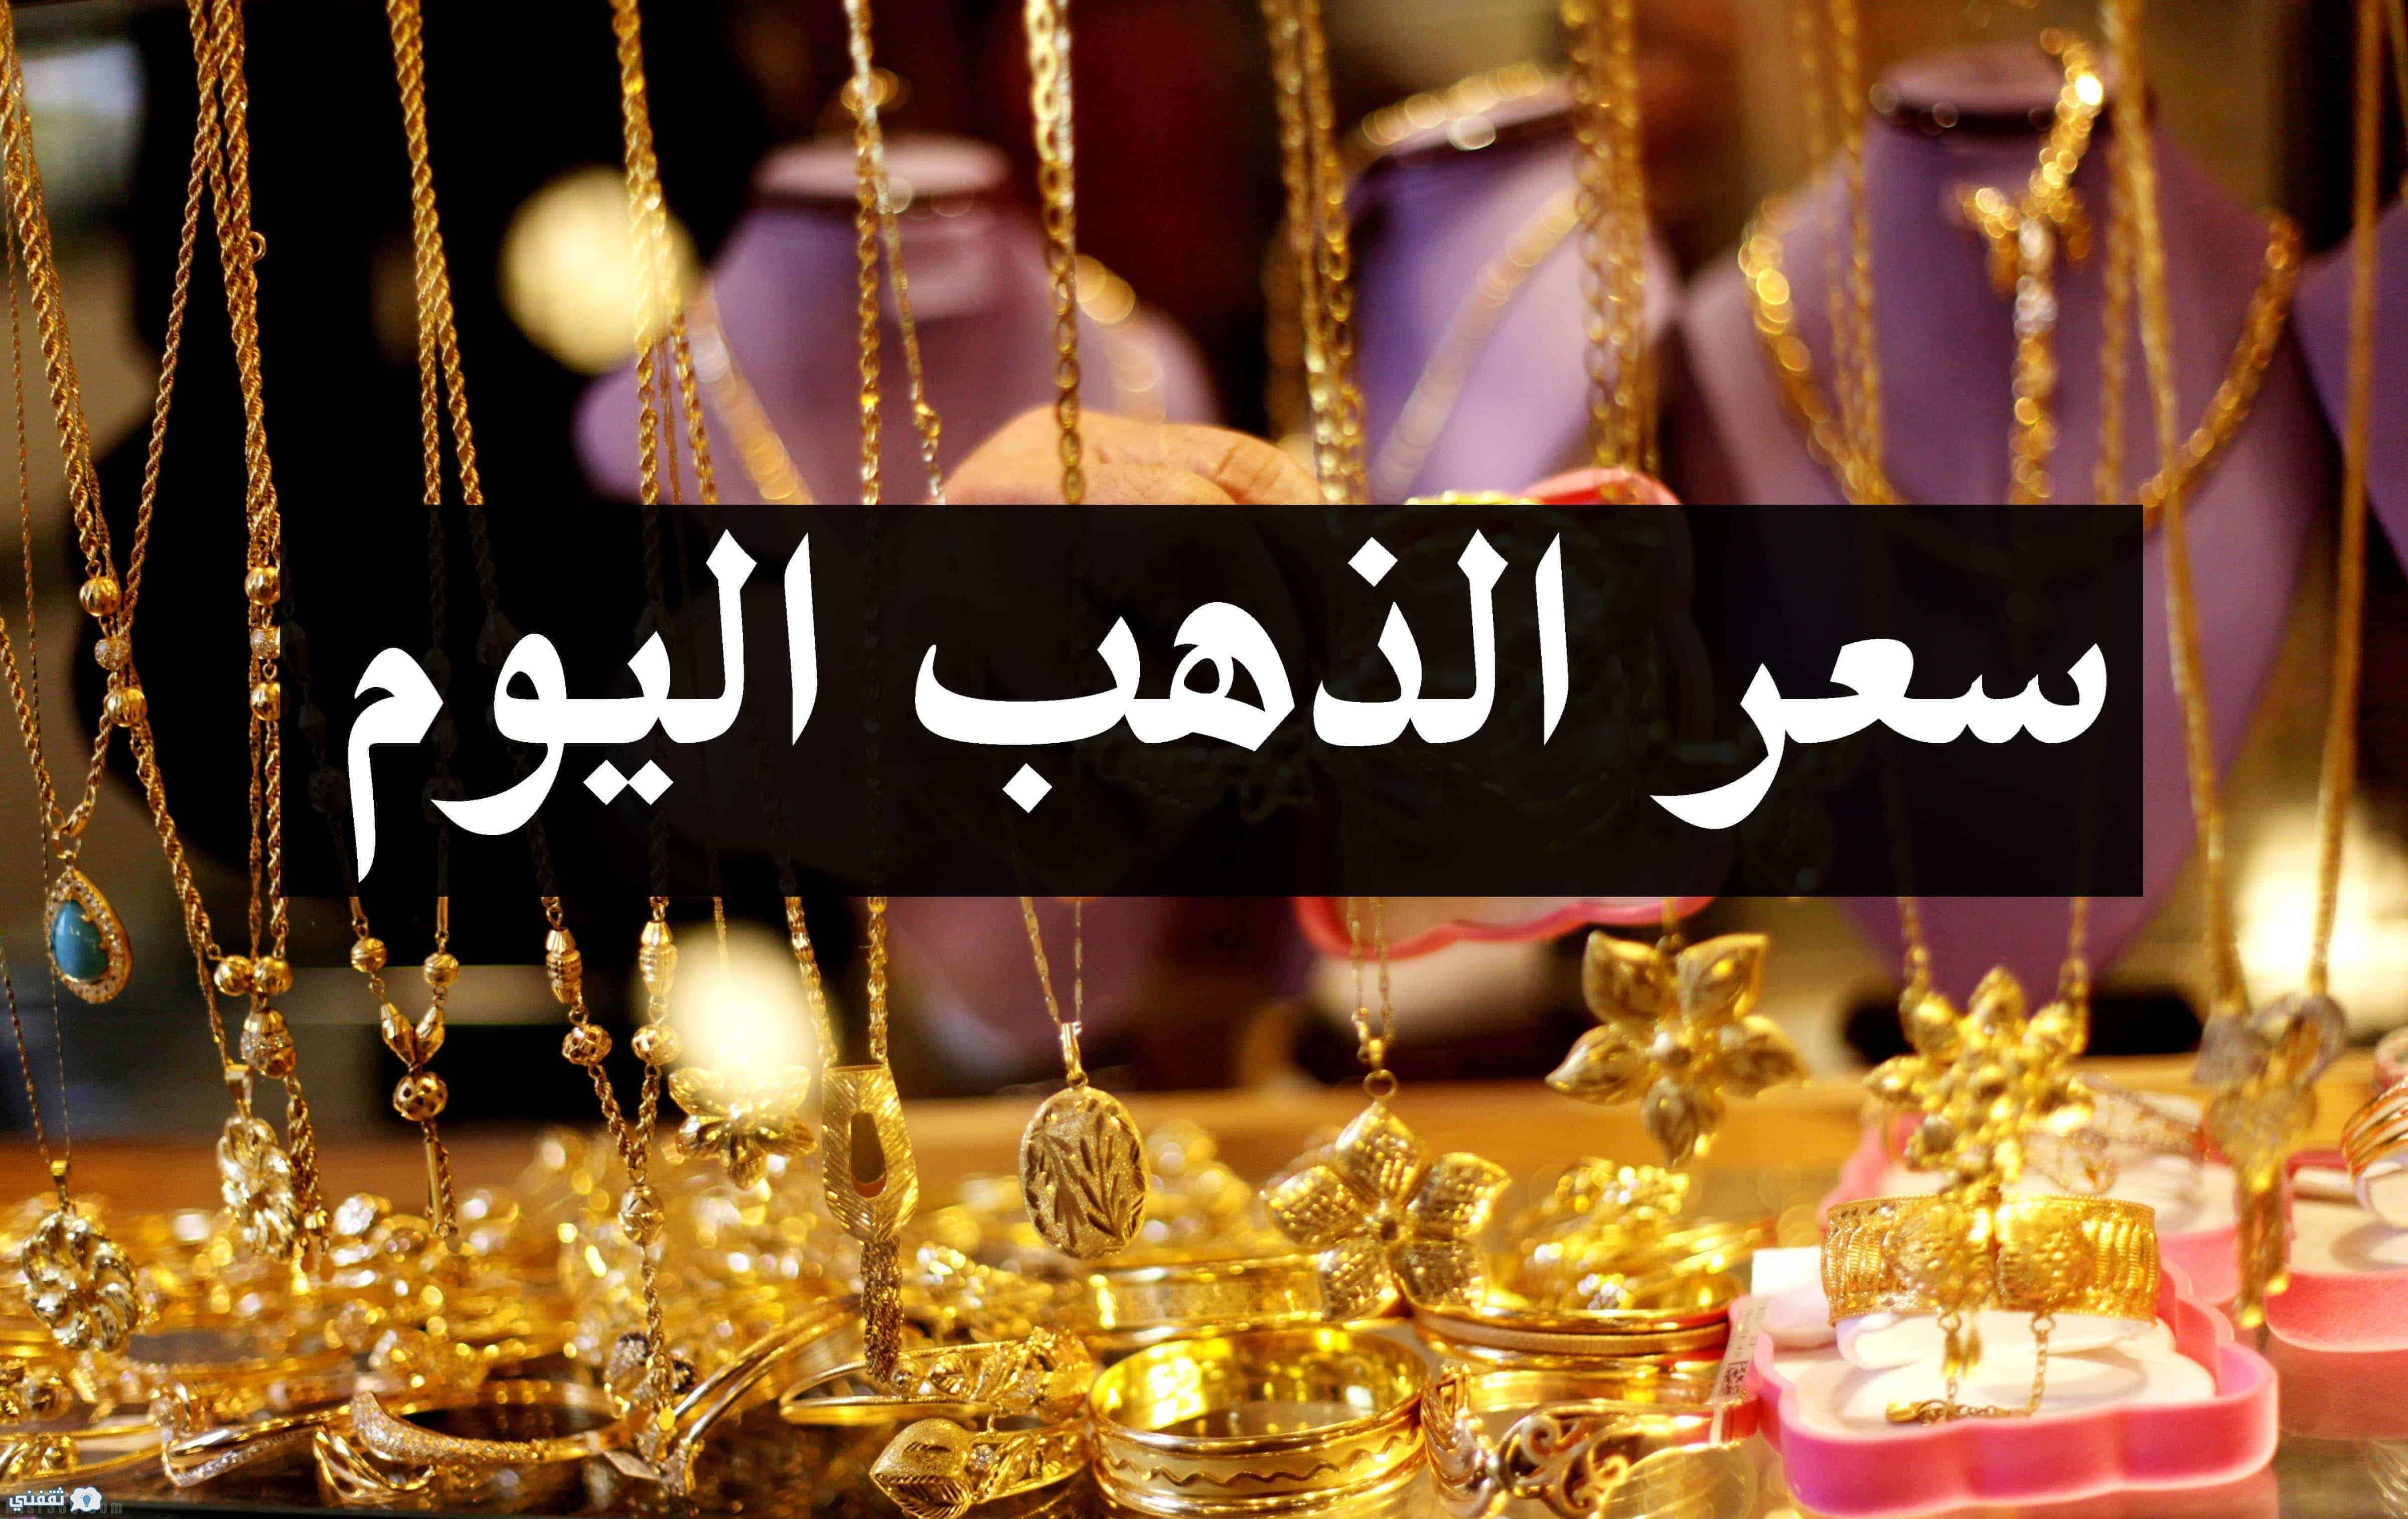 أسعار الذهب في أسواق المال في مصر اليوم الخميس 13/9/2018